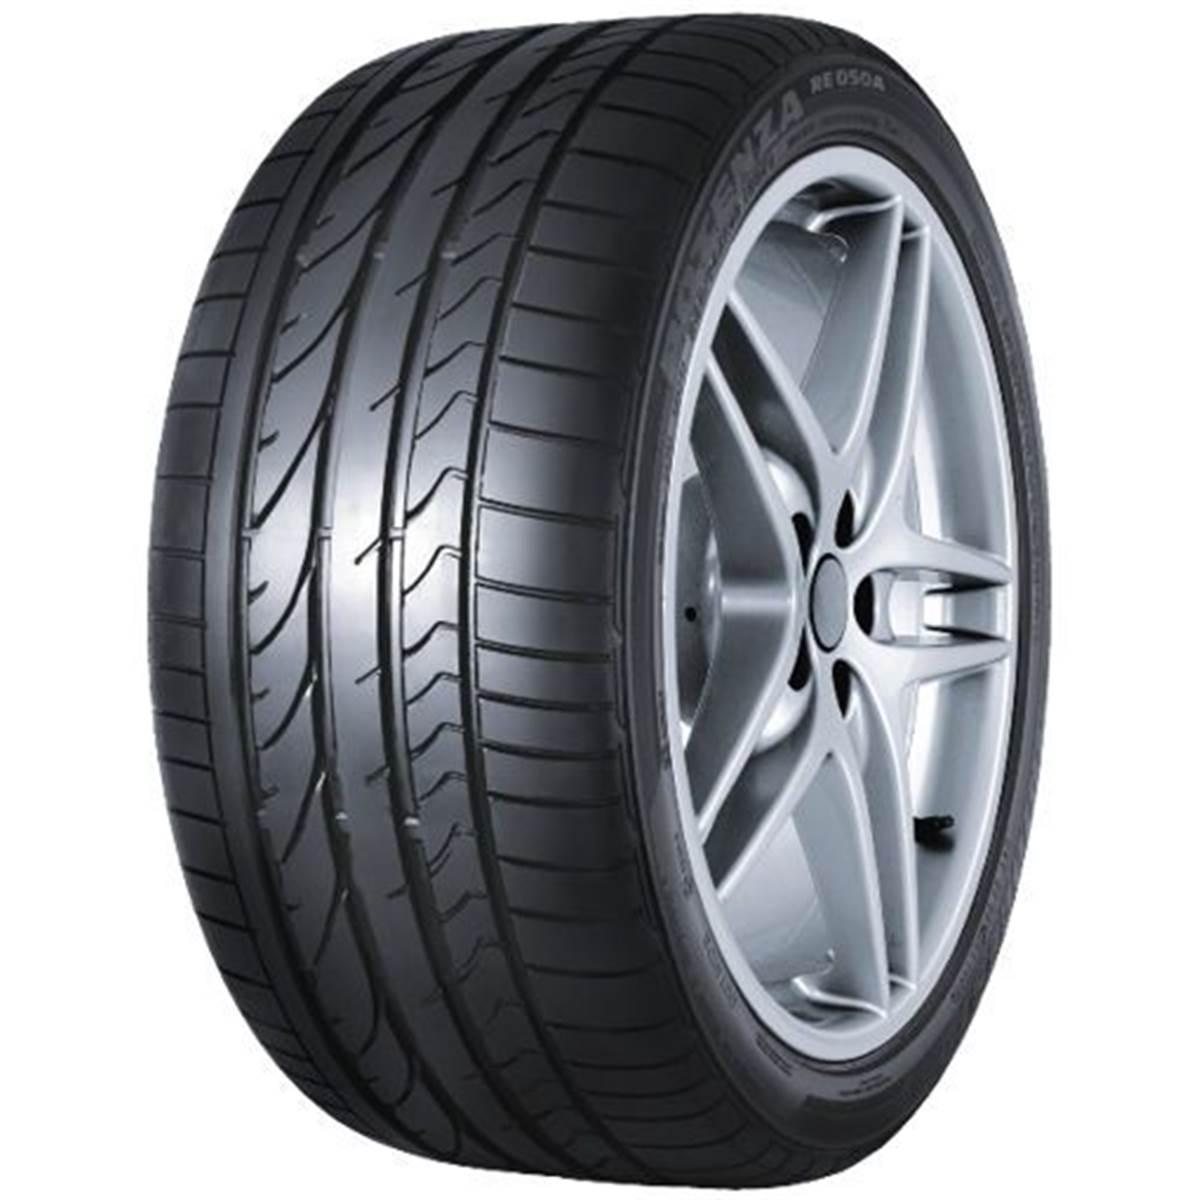 Pneu Bridgestone 255/40R18 95Y Potenza Re050A homologué Mercedes